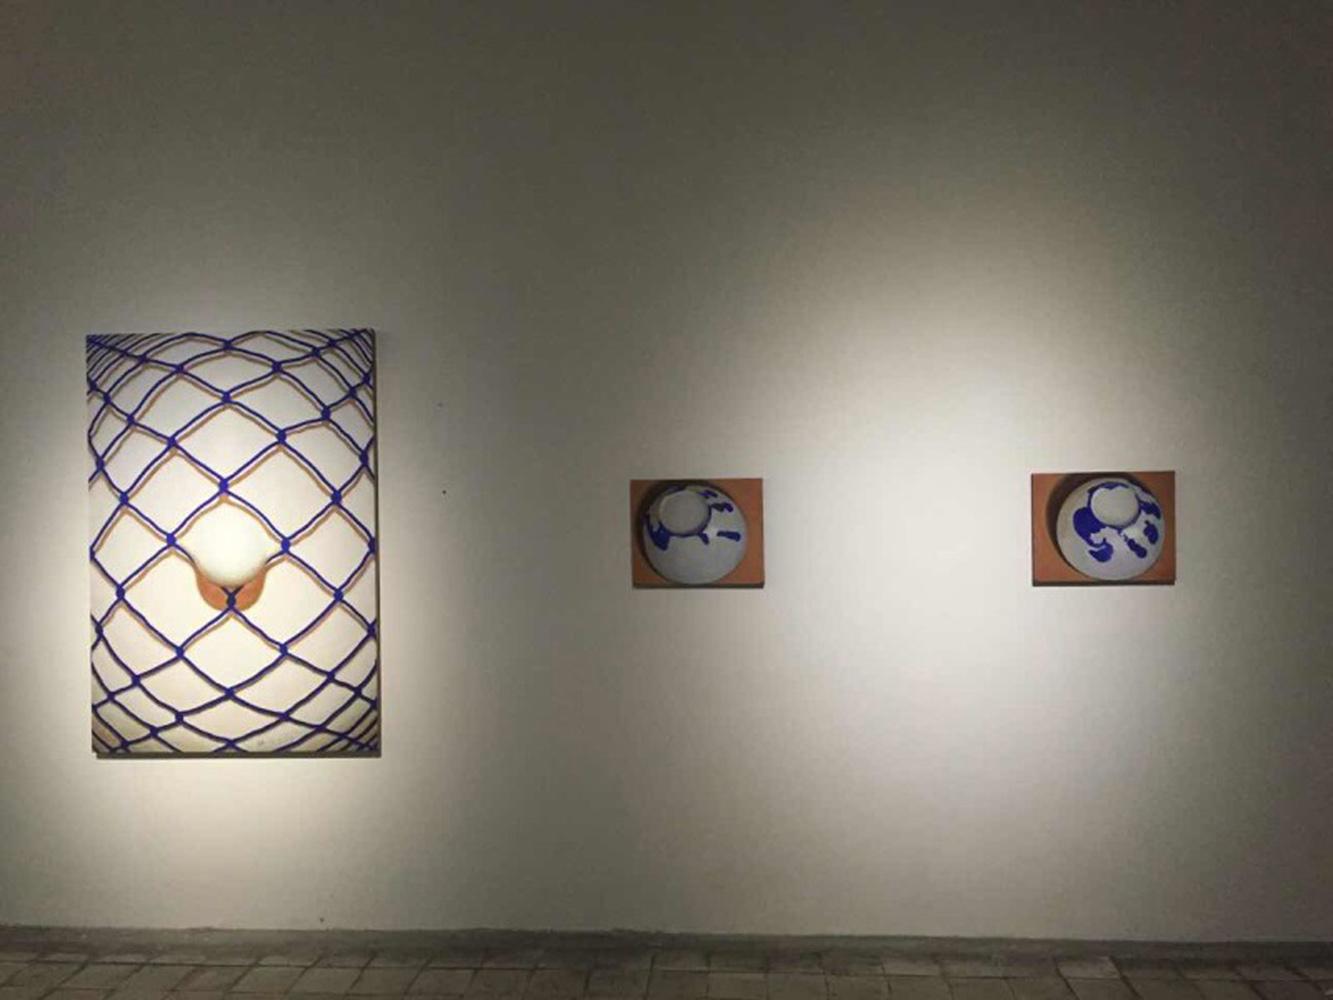 展览现场20-张慧,左:《珍珠-蓝图》 中:《赌徒1》 右:《赌徒2》-1